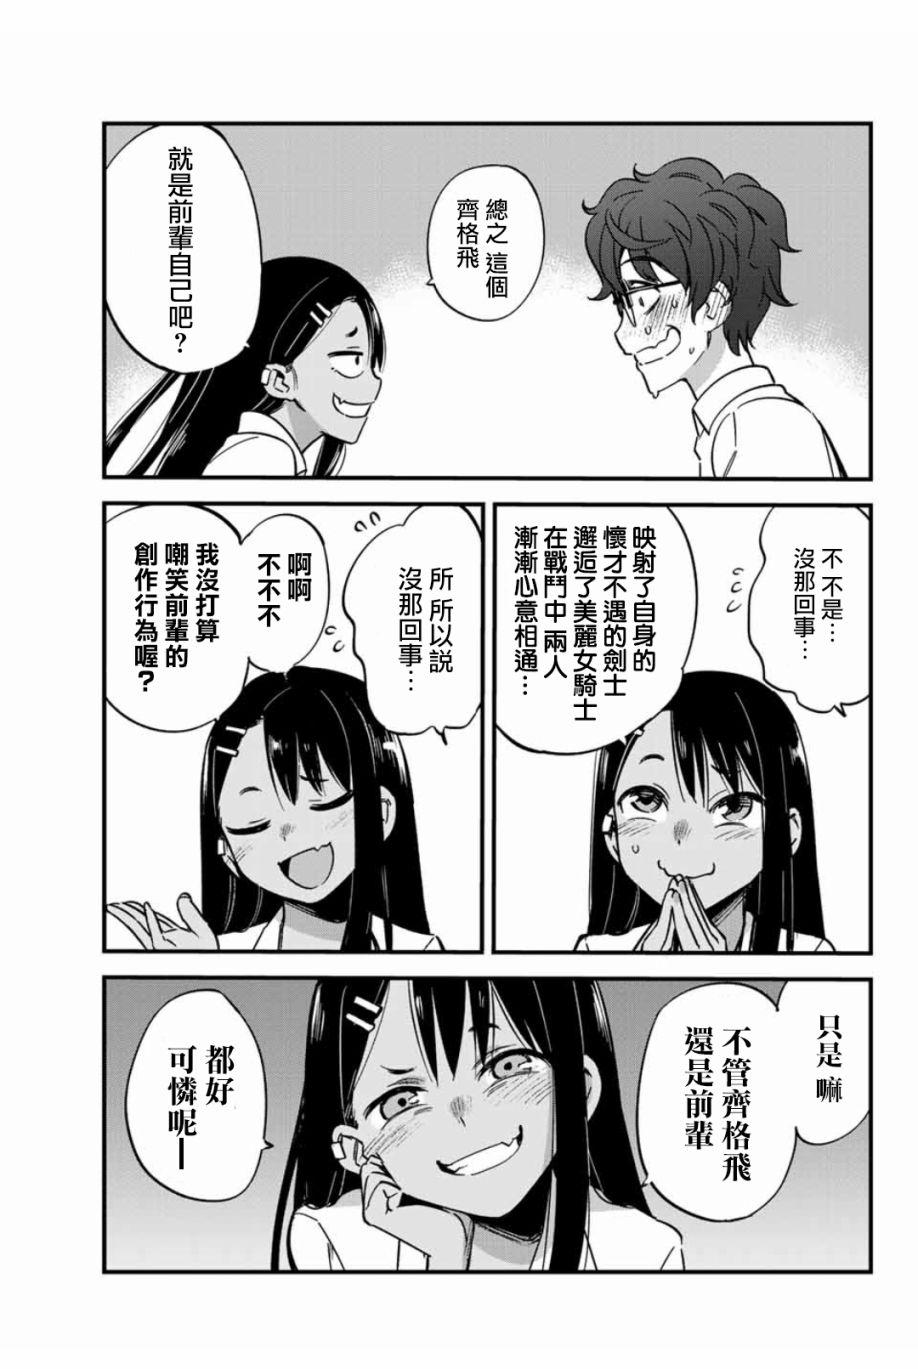 【漫画】不要欺负我,长瀞同学 #出张版+01